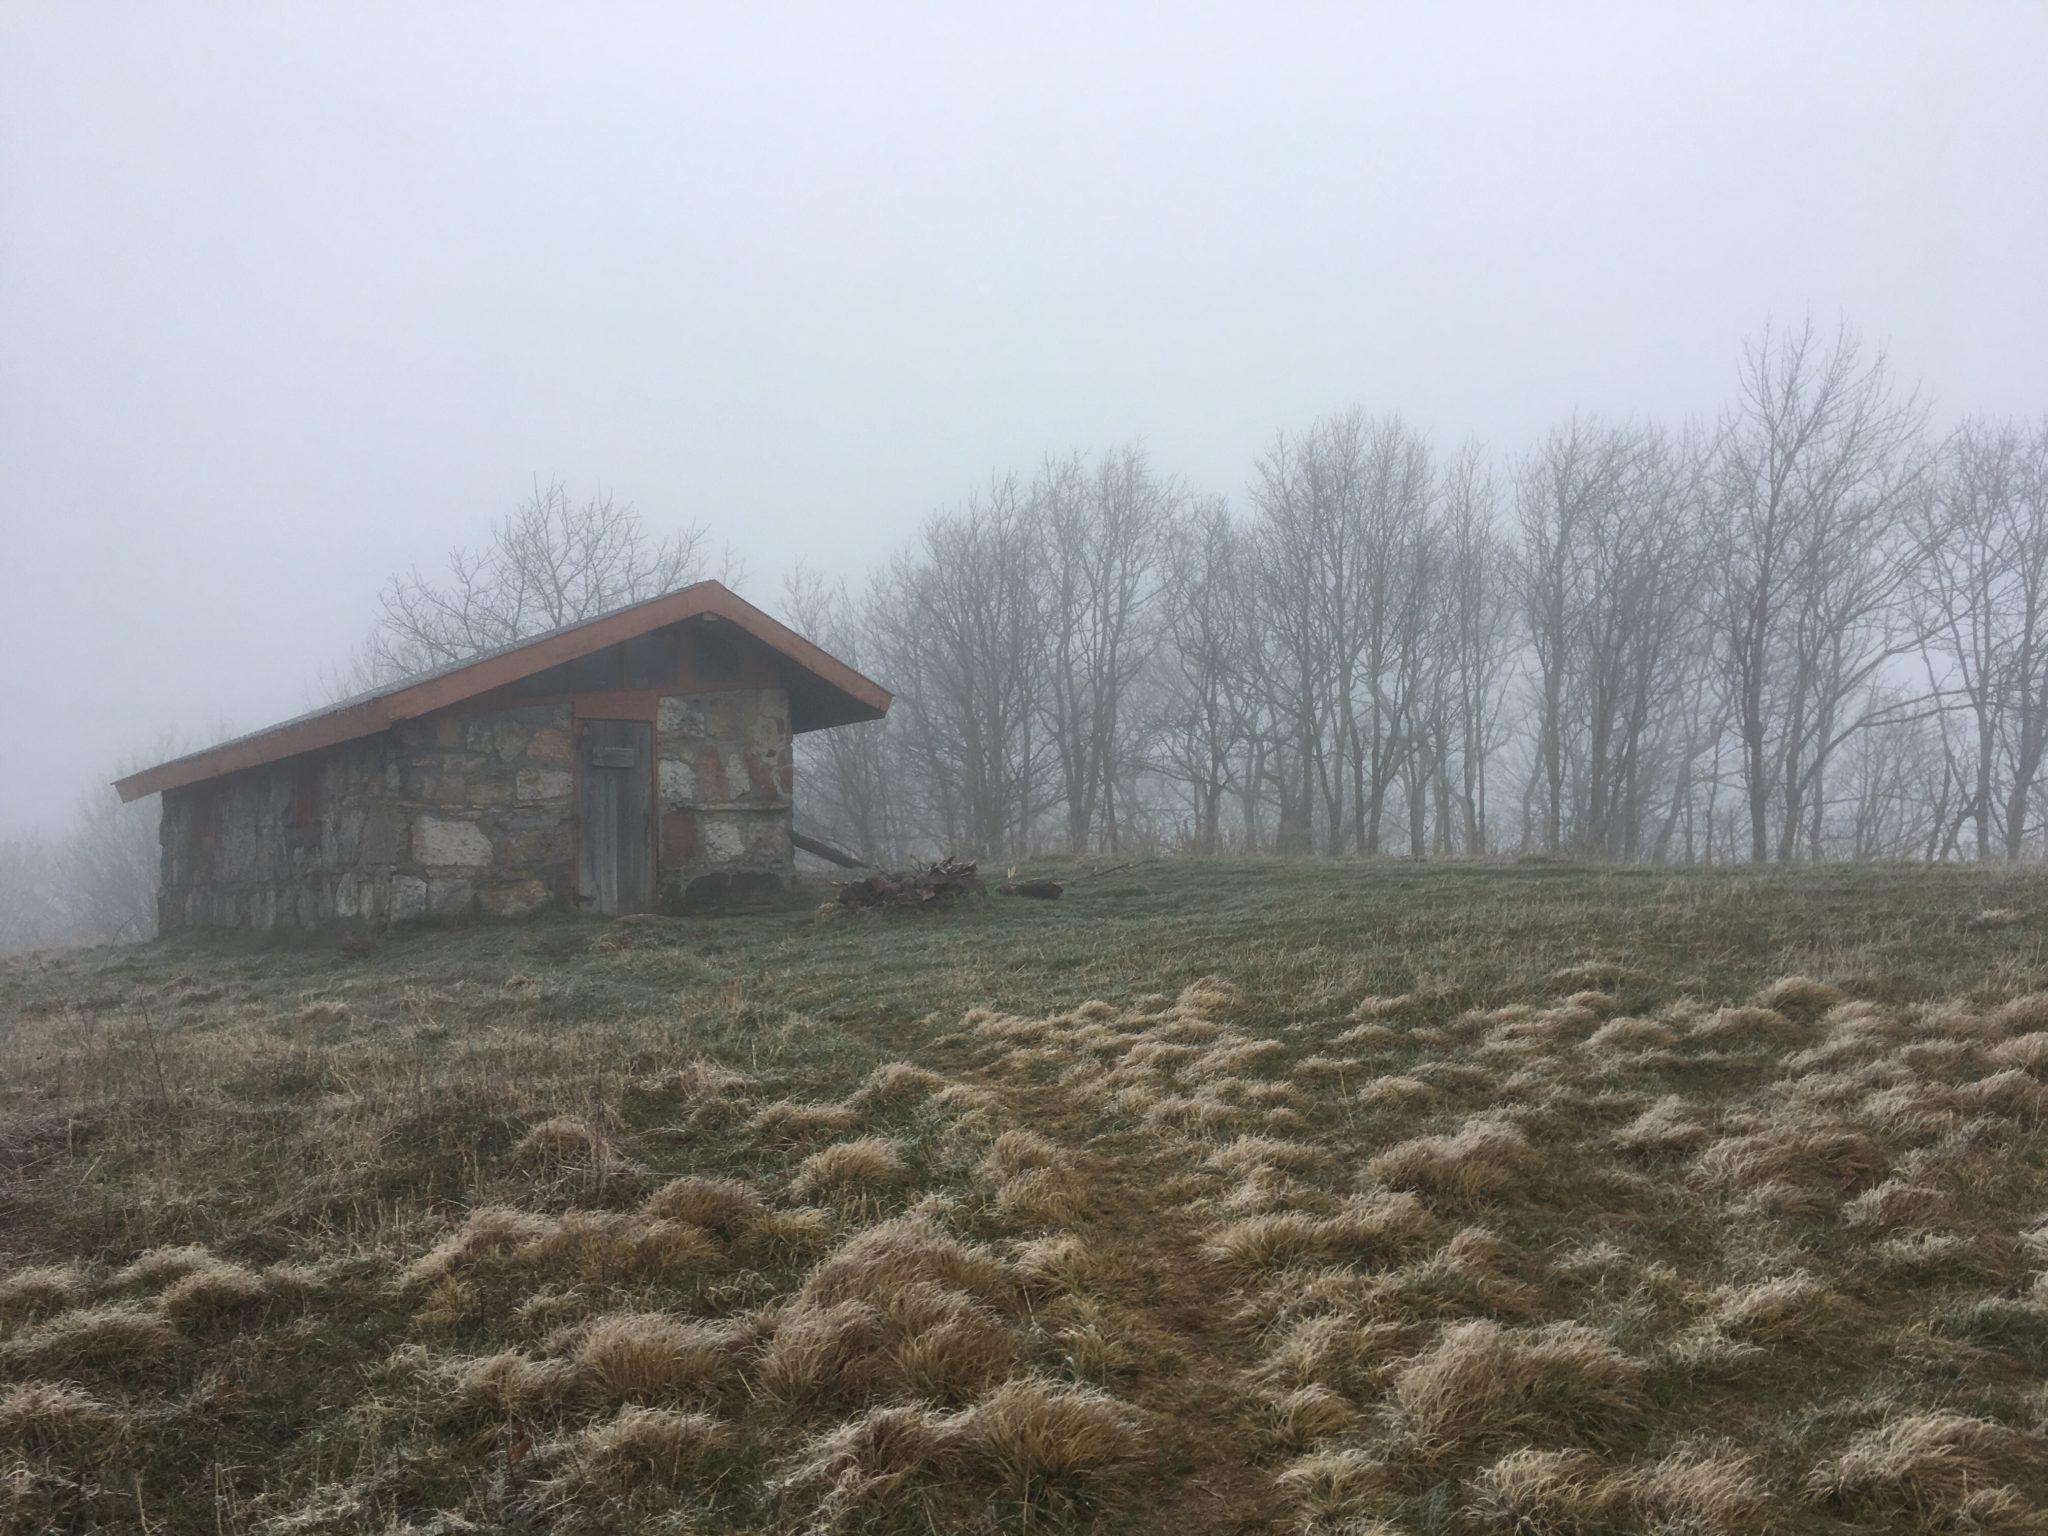 Chestnut Knob Shelter in the eerie fog